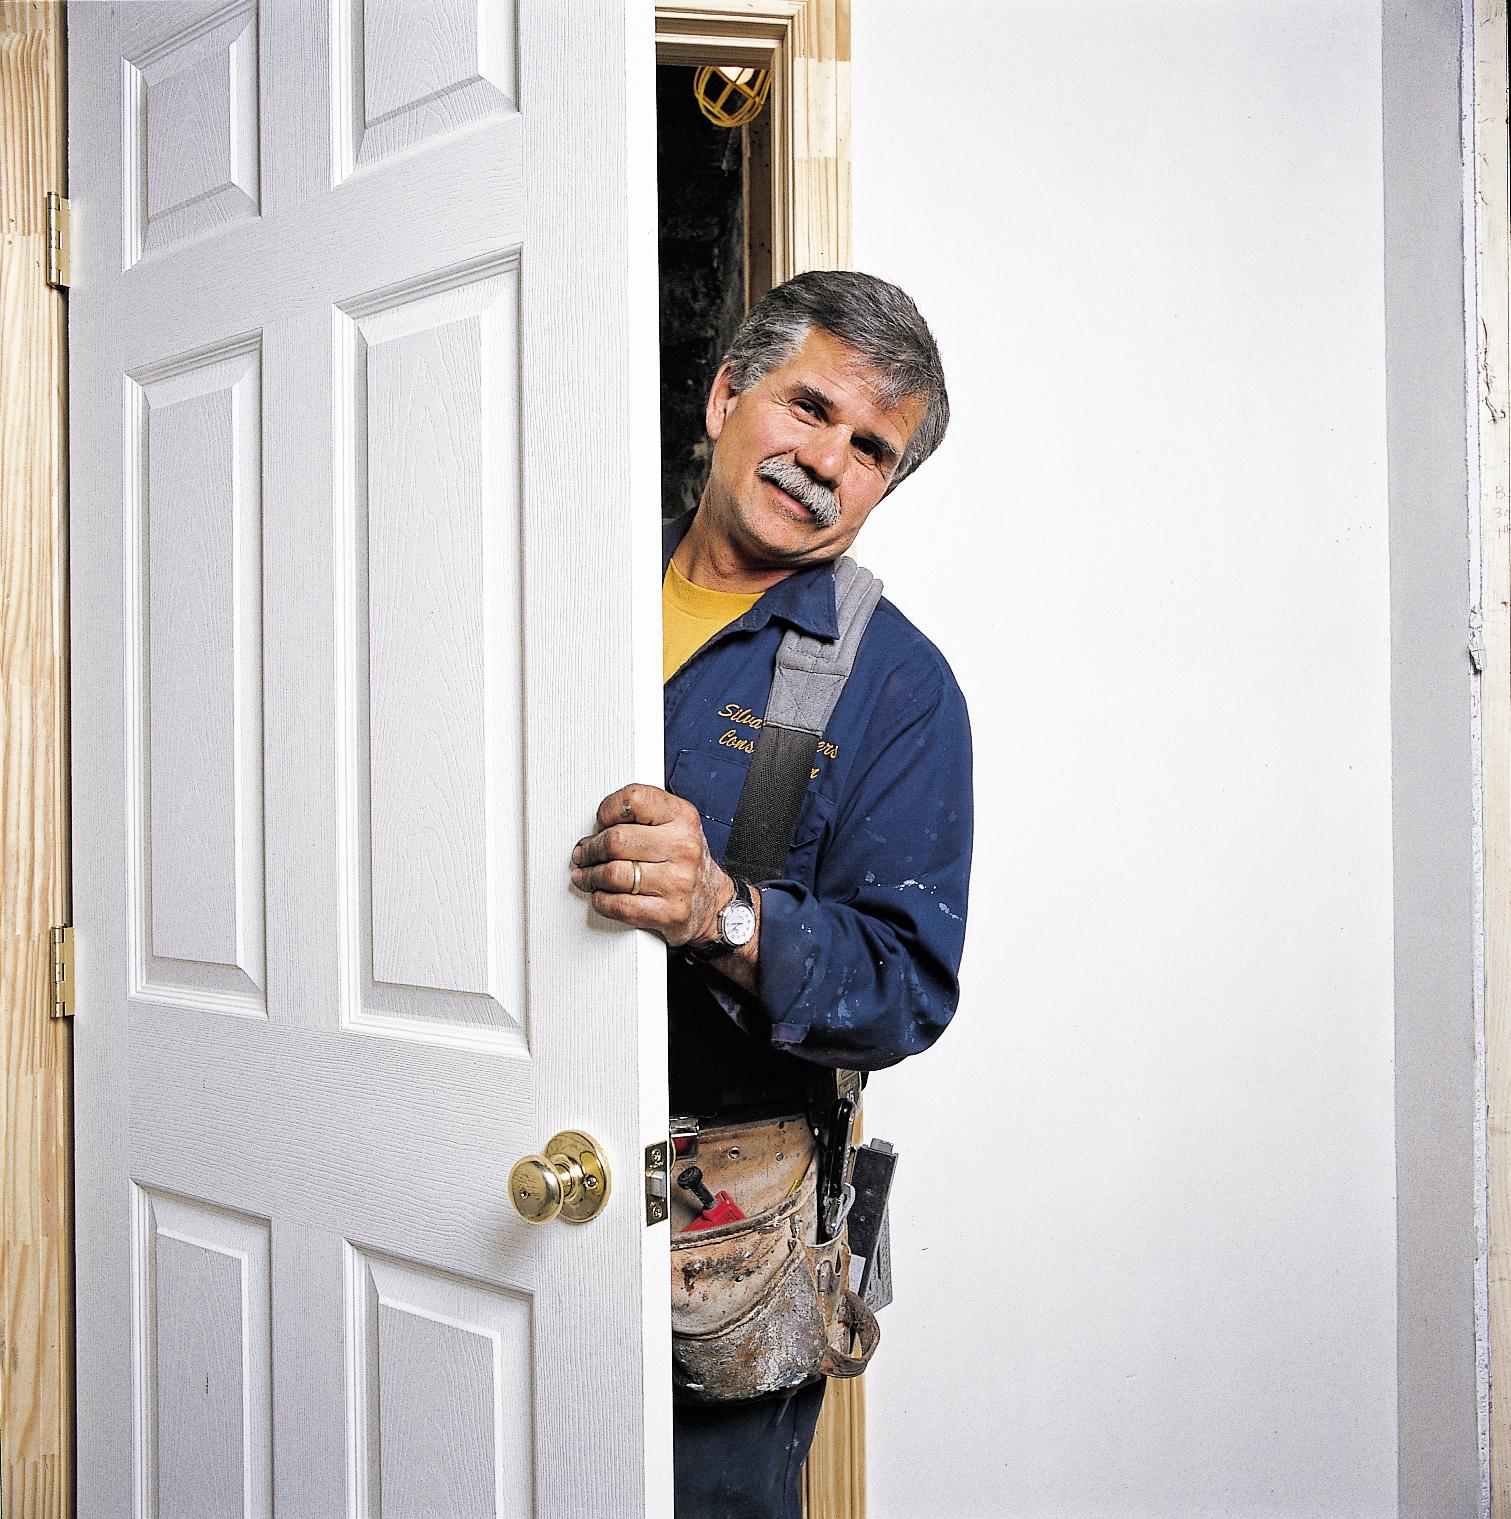 Man Holding Prehung Door